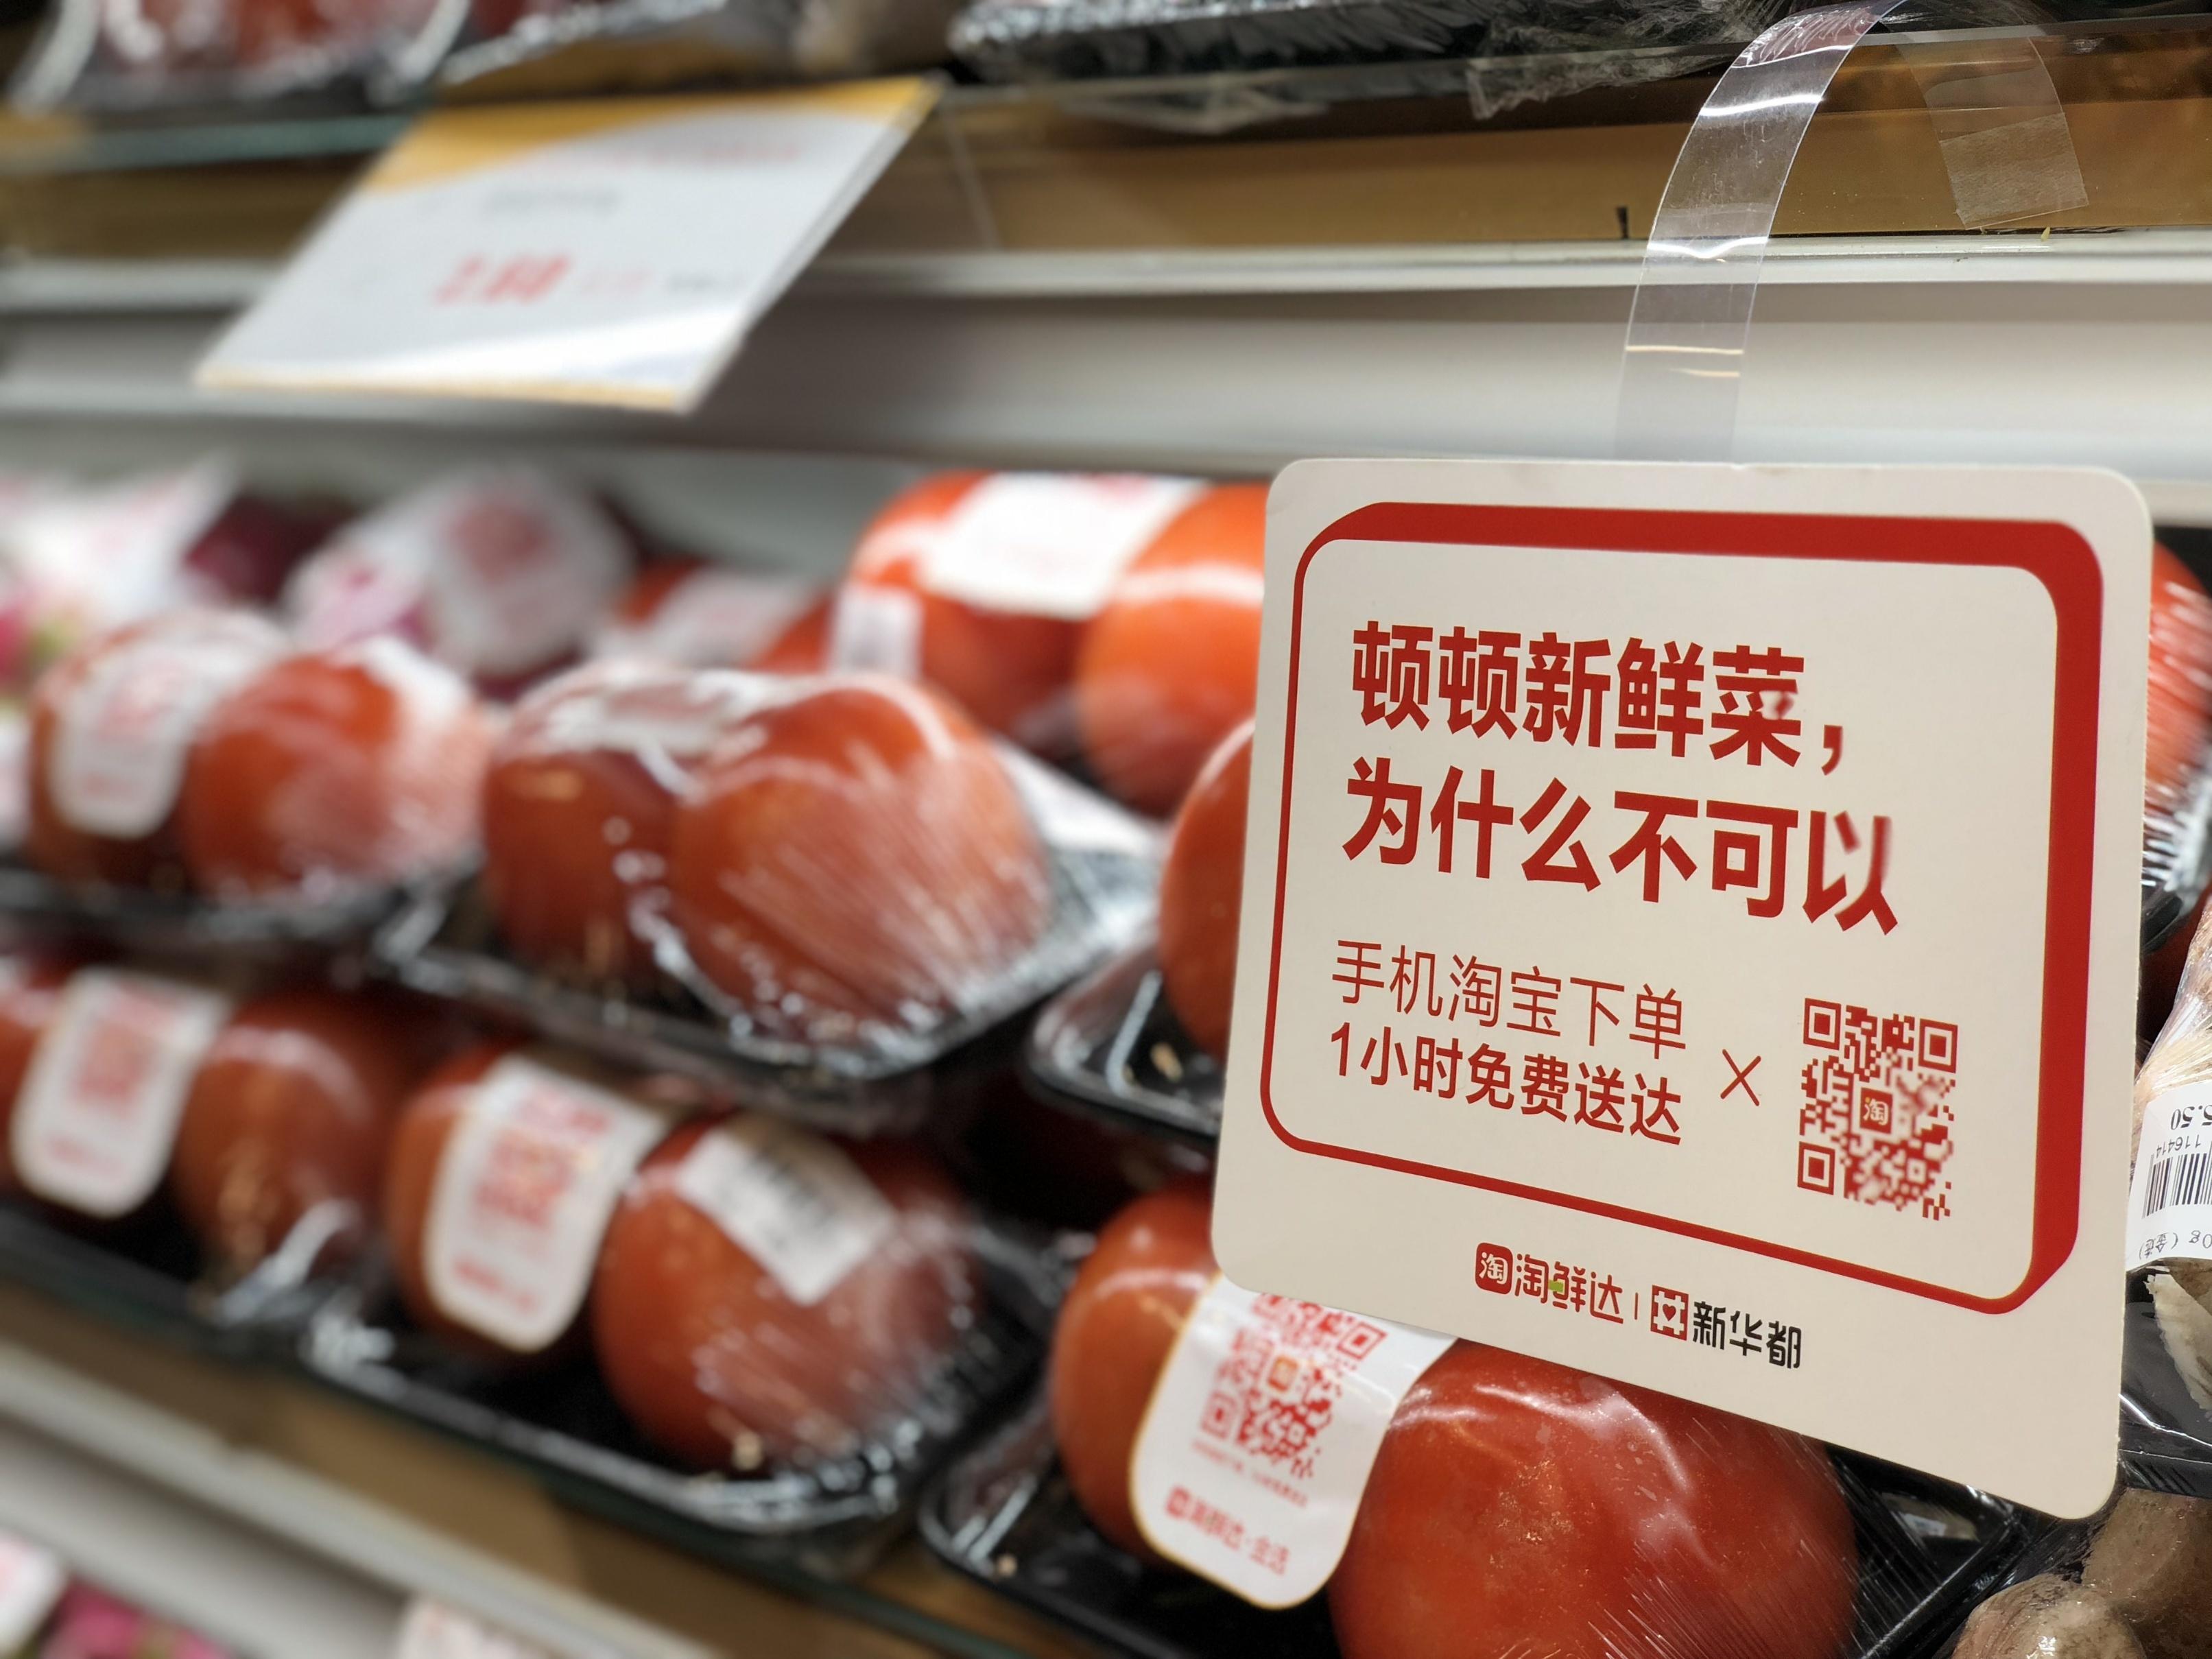 廈門11家超市接入淘鮮達 淘寶上買菜一小時可送達